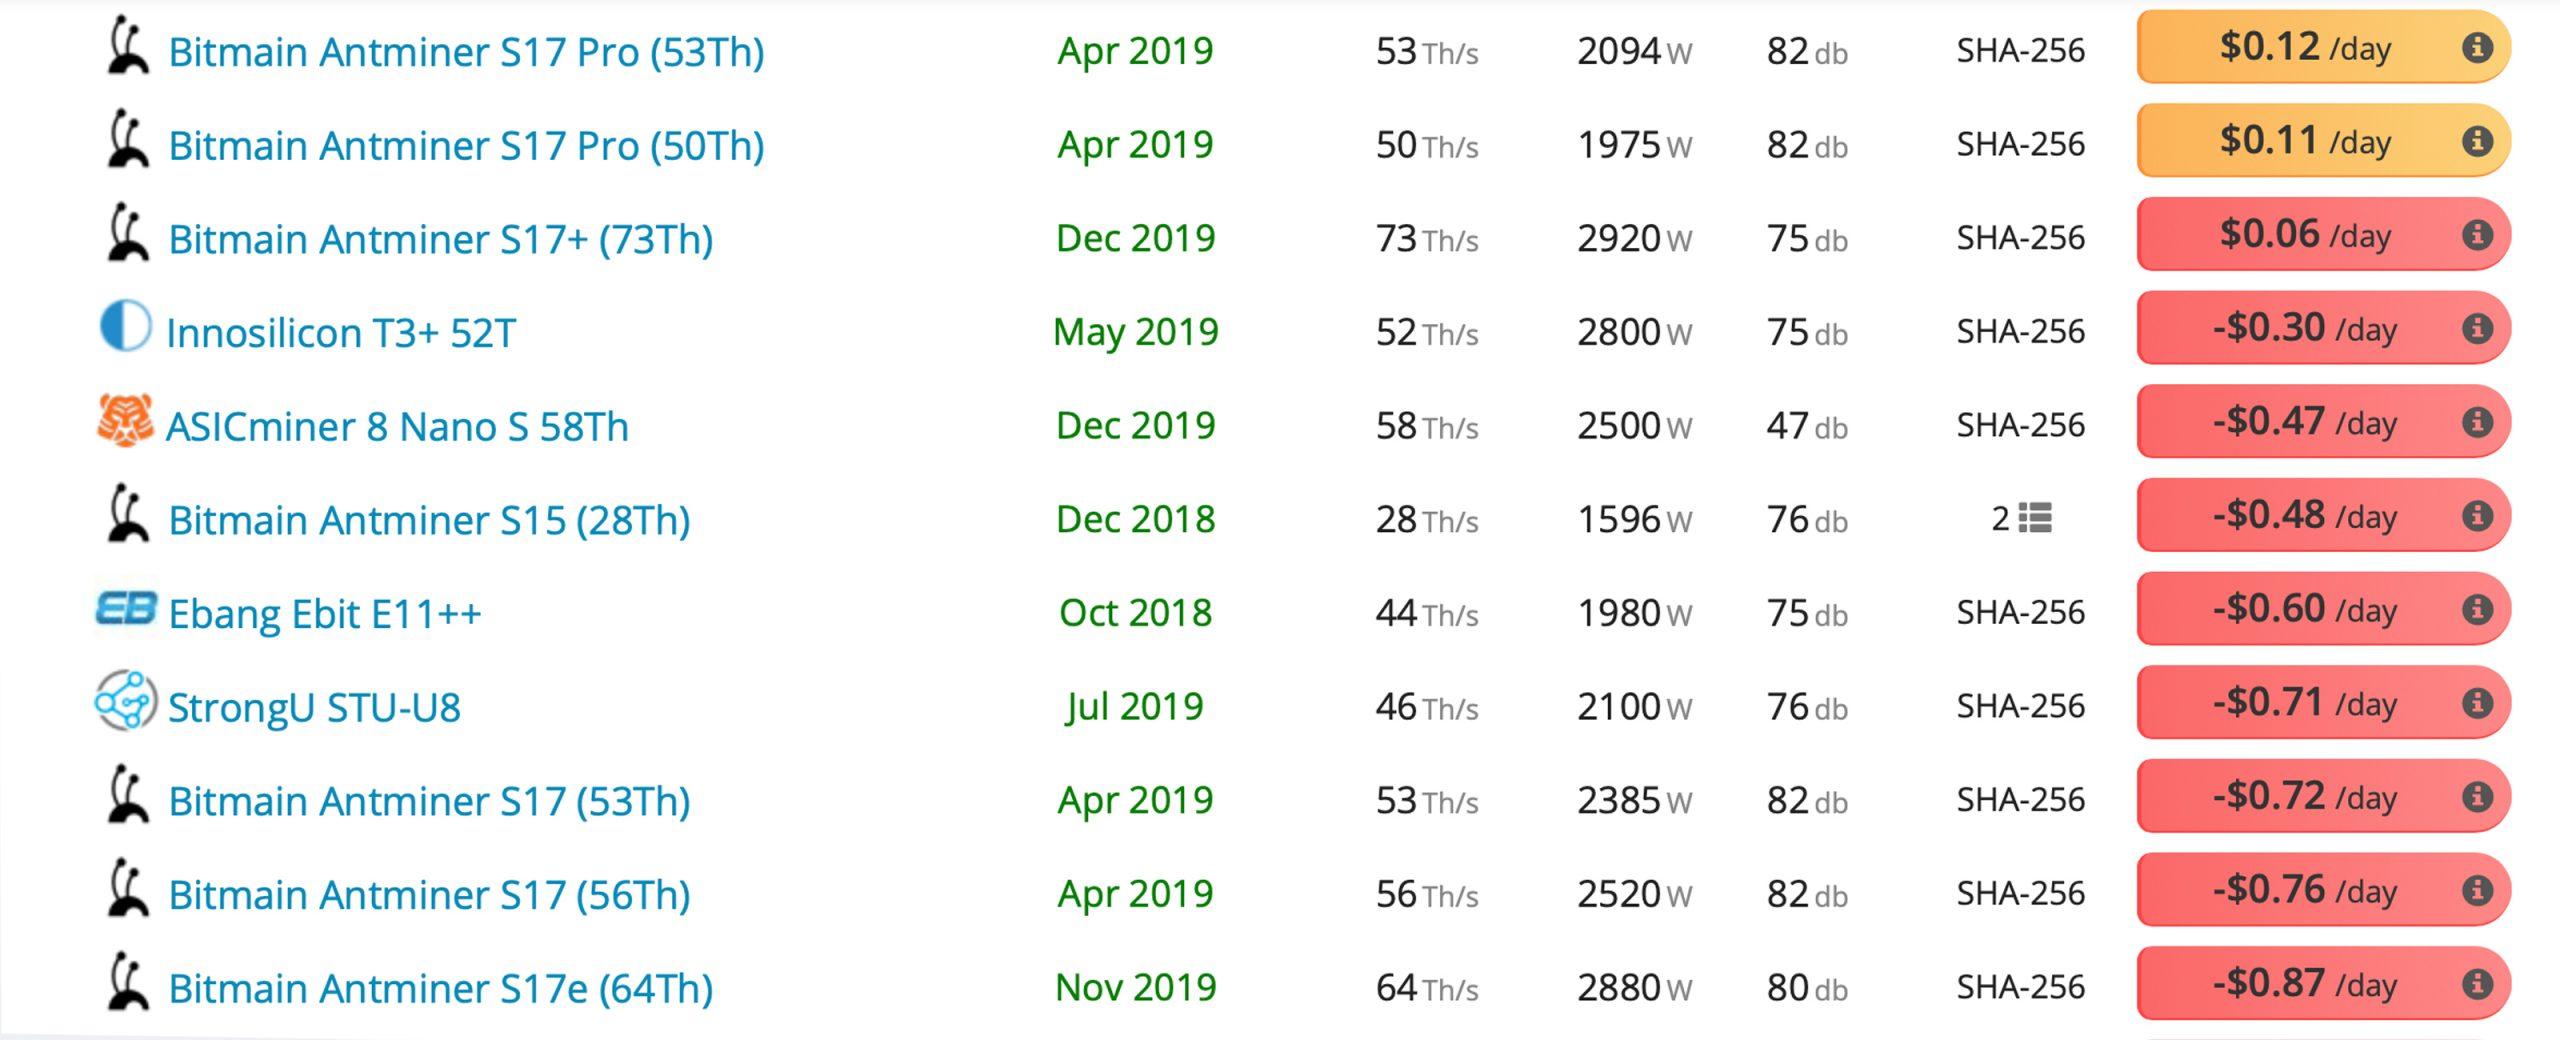 """Actualización del mercado: el límite de mercado de criptomonedas arroja $ 90B, aumento de llamadas de margen, deslizamiento de futuros """"width ="""" 2560 """"height ="""" 1040 """"srcset ="""" https: //news.bitcoin.com/wp-content/uploads/2020/03/miners-1-scaled.jpg 2560w, https://news.bitcoin.com/wp-content/uploads/2020/03/miners-1 -300x122.jpg 300w, https://news.bitcoin.com/wp-content/uploads/2020/03/miners-1-1024x416.jpg 1024w, https://news.bitcoin.com/wp-content/uploads /2020/03/miners-1-768x312.jpg 768w, https://news.bitcoin.com/wp-content/uploads/2020/03/miners-1-1536x624.jpg 1536w, https: //news.bitcoin .com / wp-content / uploads / 2020/03 / miners-1-2048x832.jpg 2048w, https://news.bitcoin.com/wp-content/uploads/2020/03/miners-1-696x283.jpg 696w , https://news.bitcoin.com/wp-content/uploads/2020/03/miners-1-1392x566.jpg 1392w, https://news.bitcoin.com/wp-content/uploads/2020/03/ mineros-1-1068x434.jpg 1068w, https://news.bitcoin.com/wp-content/uploads/2020/03/miners-1- 1034x420.jpg 1034w, https://news.bitcoin.com/wp-content/uploads/2020/03/miners-1-1920x780.jpg 1920w """"tamaños ="""" (ancho máximo: 2560px) 100vw, 2560px"""